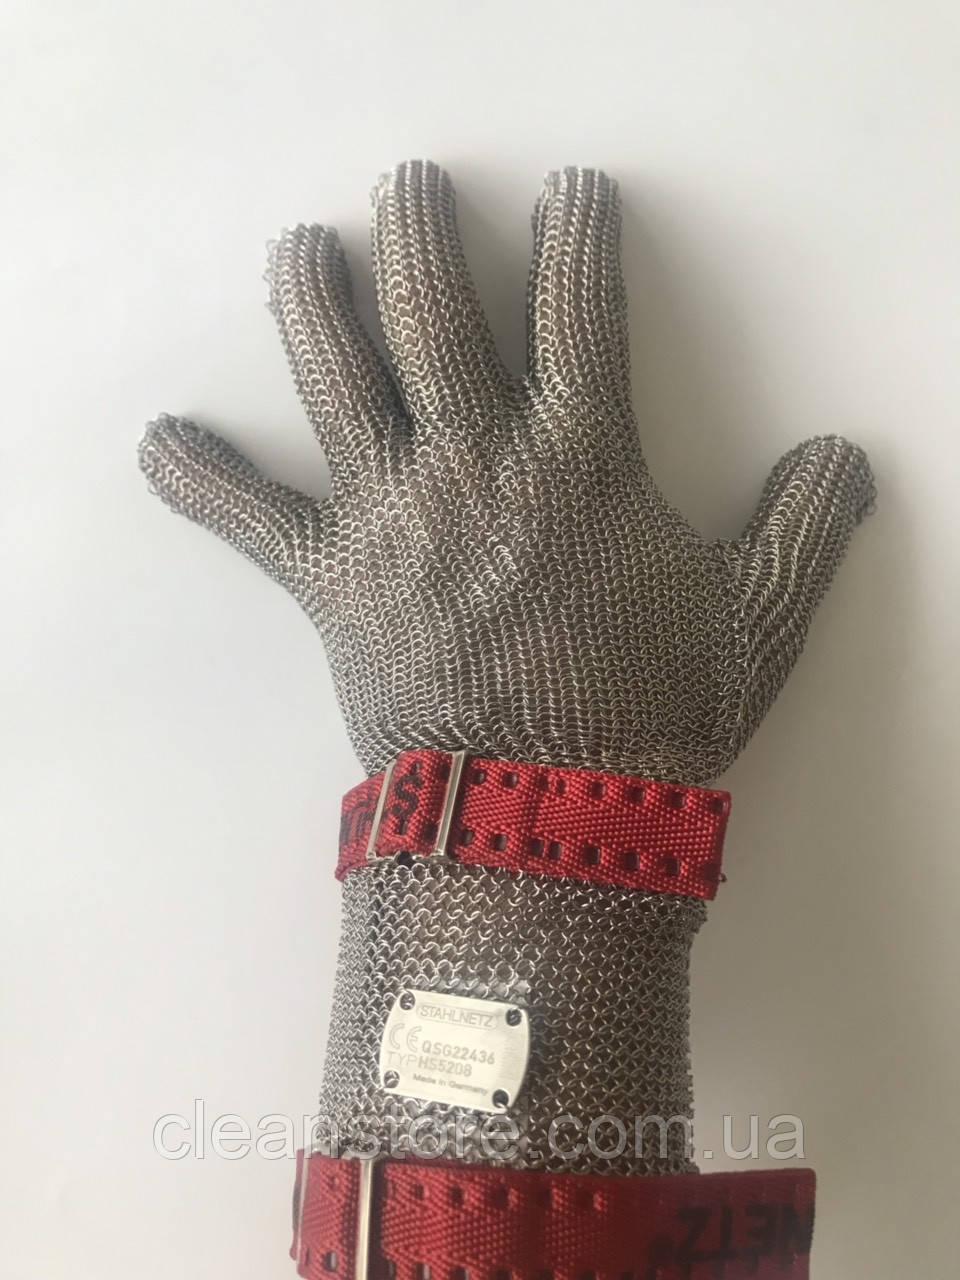 Кольчужна рукавиця з тканинним ремінцем і відворотом 8см Schlachthausfreund (Німеччина)